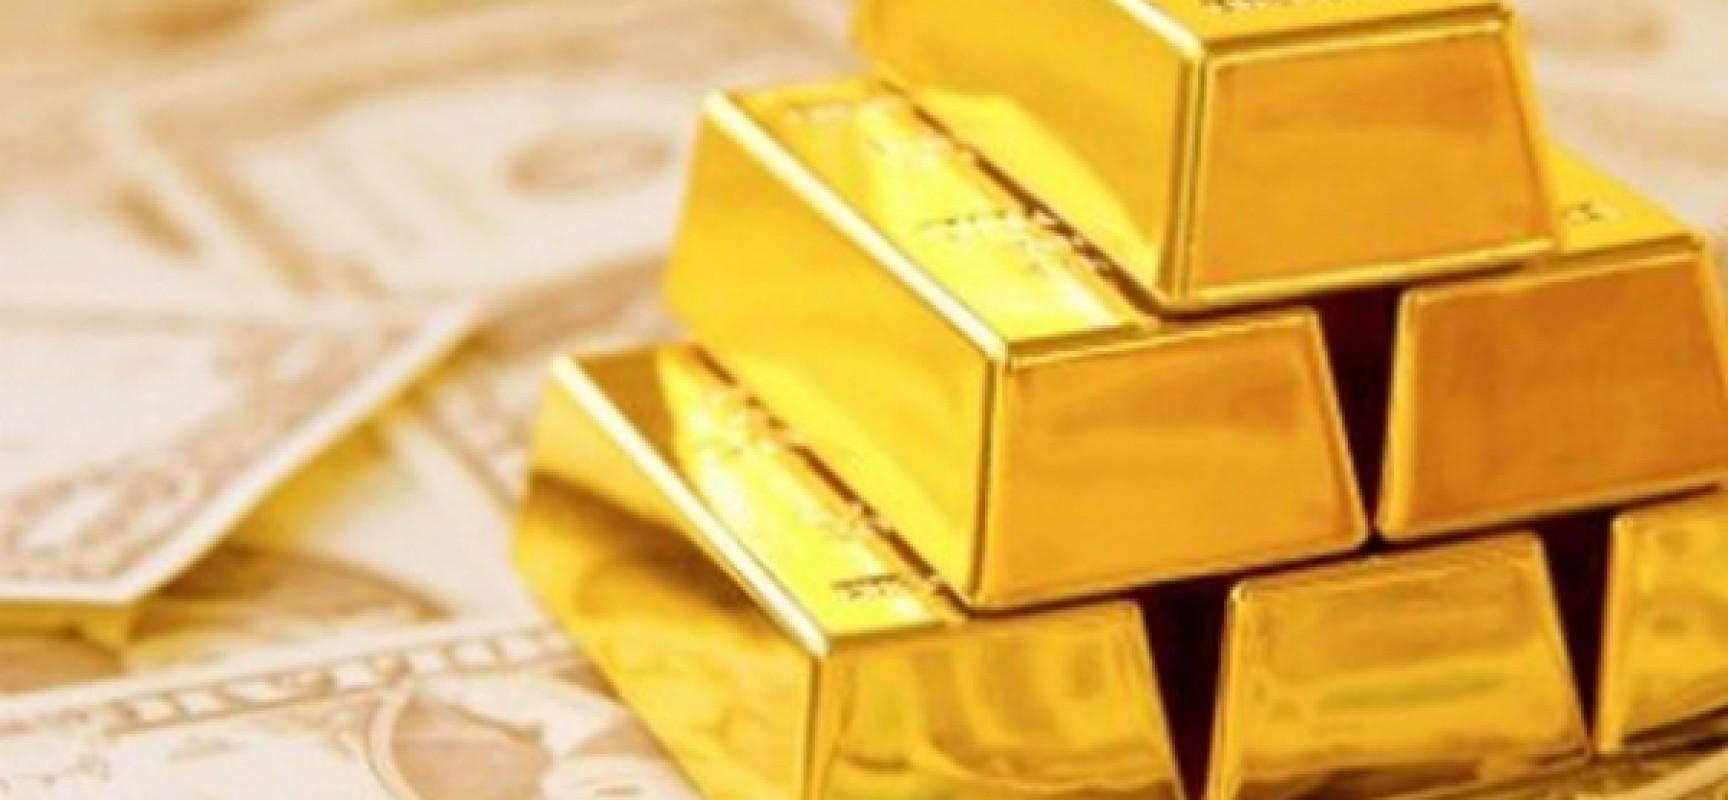 Cours de l'or : découvrez l'achat et la revente de ce métal précieux